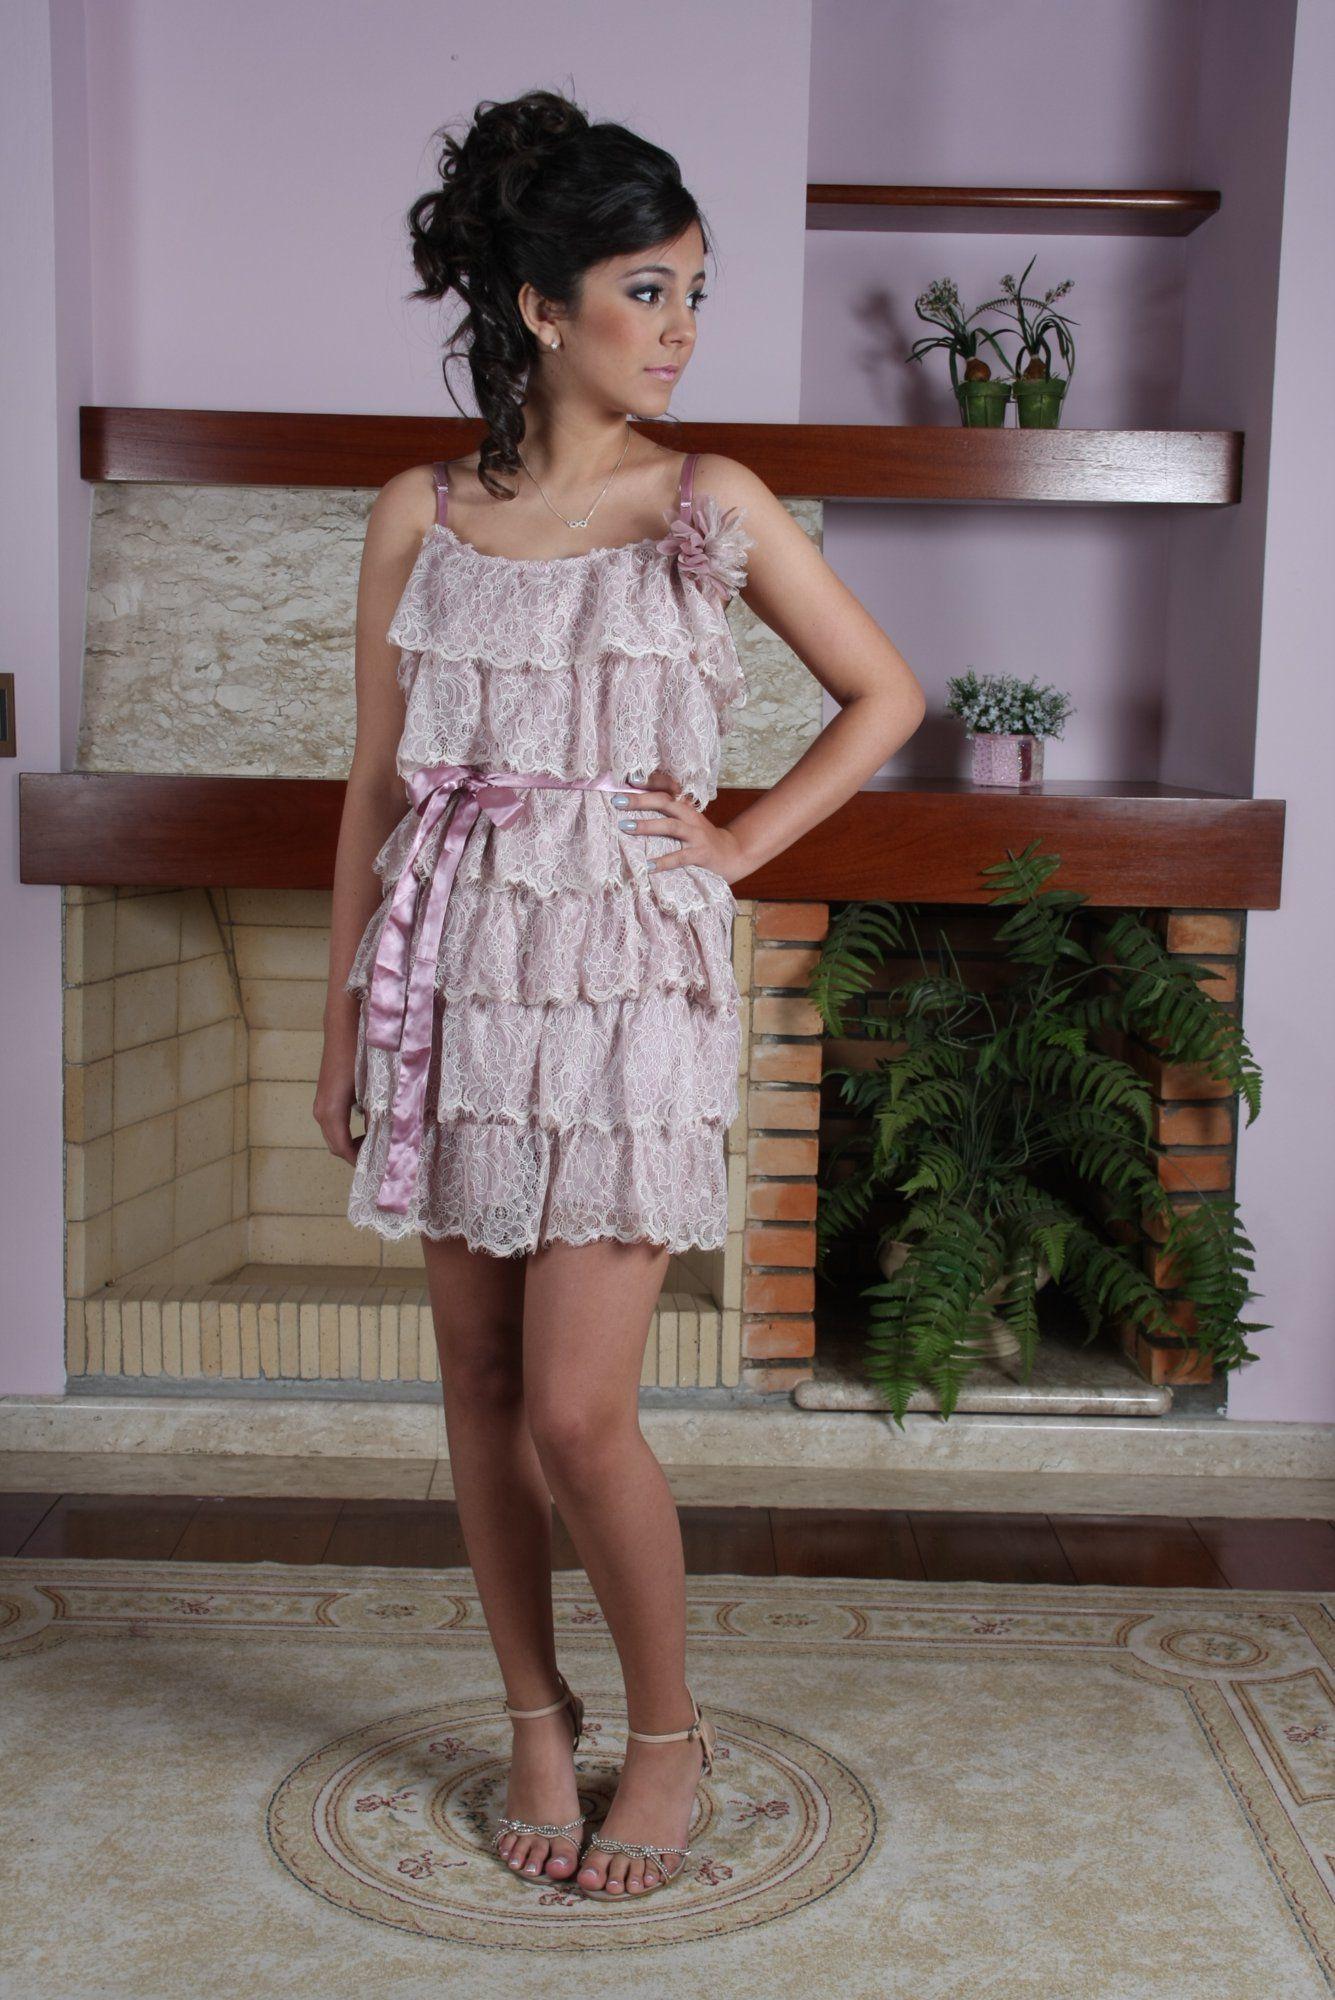 Vestido de Debutante Rosa - 1 - Hipnose Alta Costura e Spa para Noivas e Noivos - Campinas - SP Vestido de Debutante, Vestido de Debutante Rosa, Hipnose Alta Costura